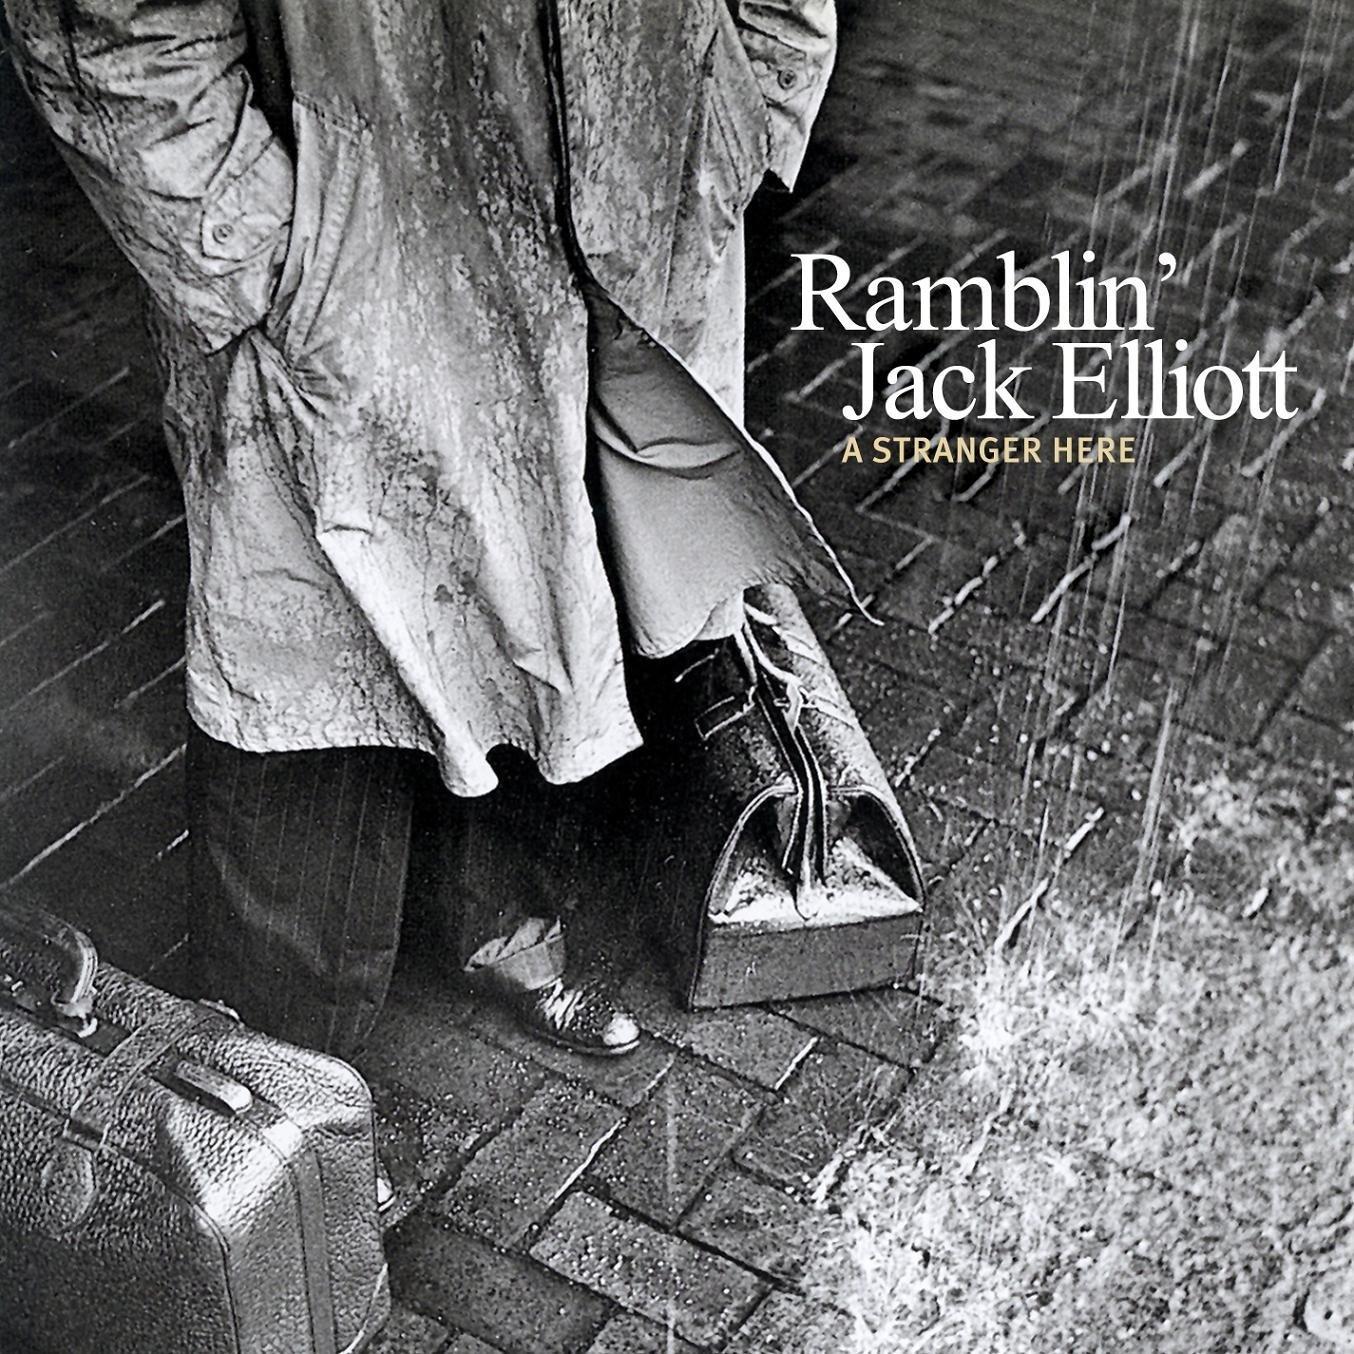 Ramblin' Jack Elliott, A Stranger Here